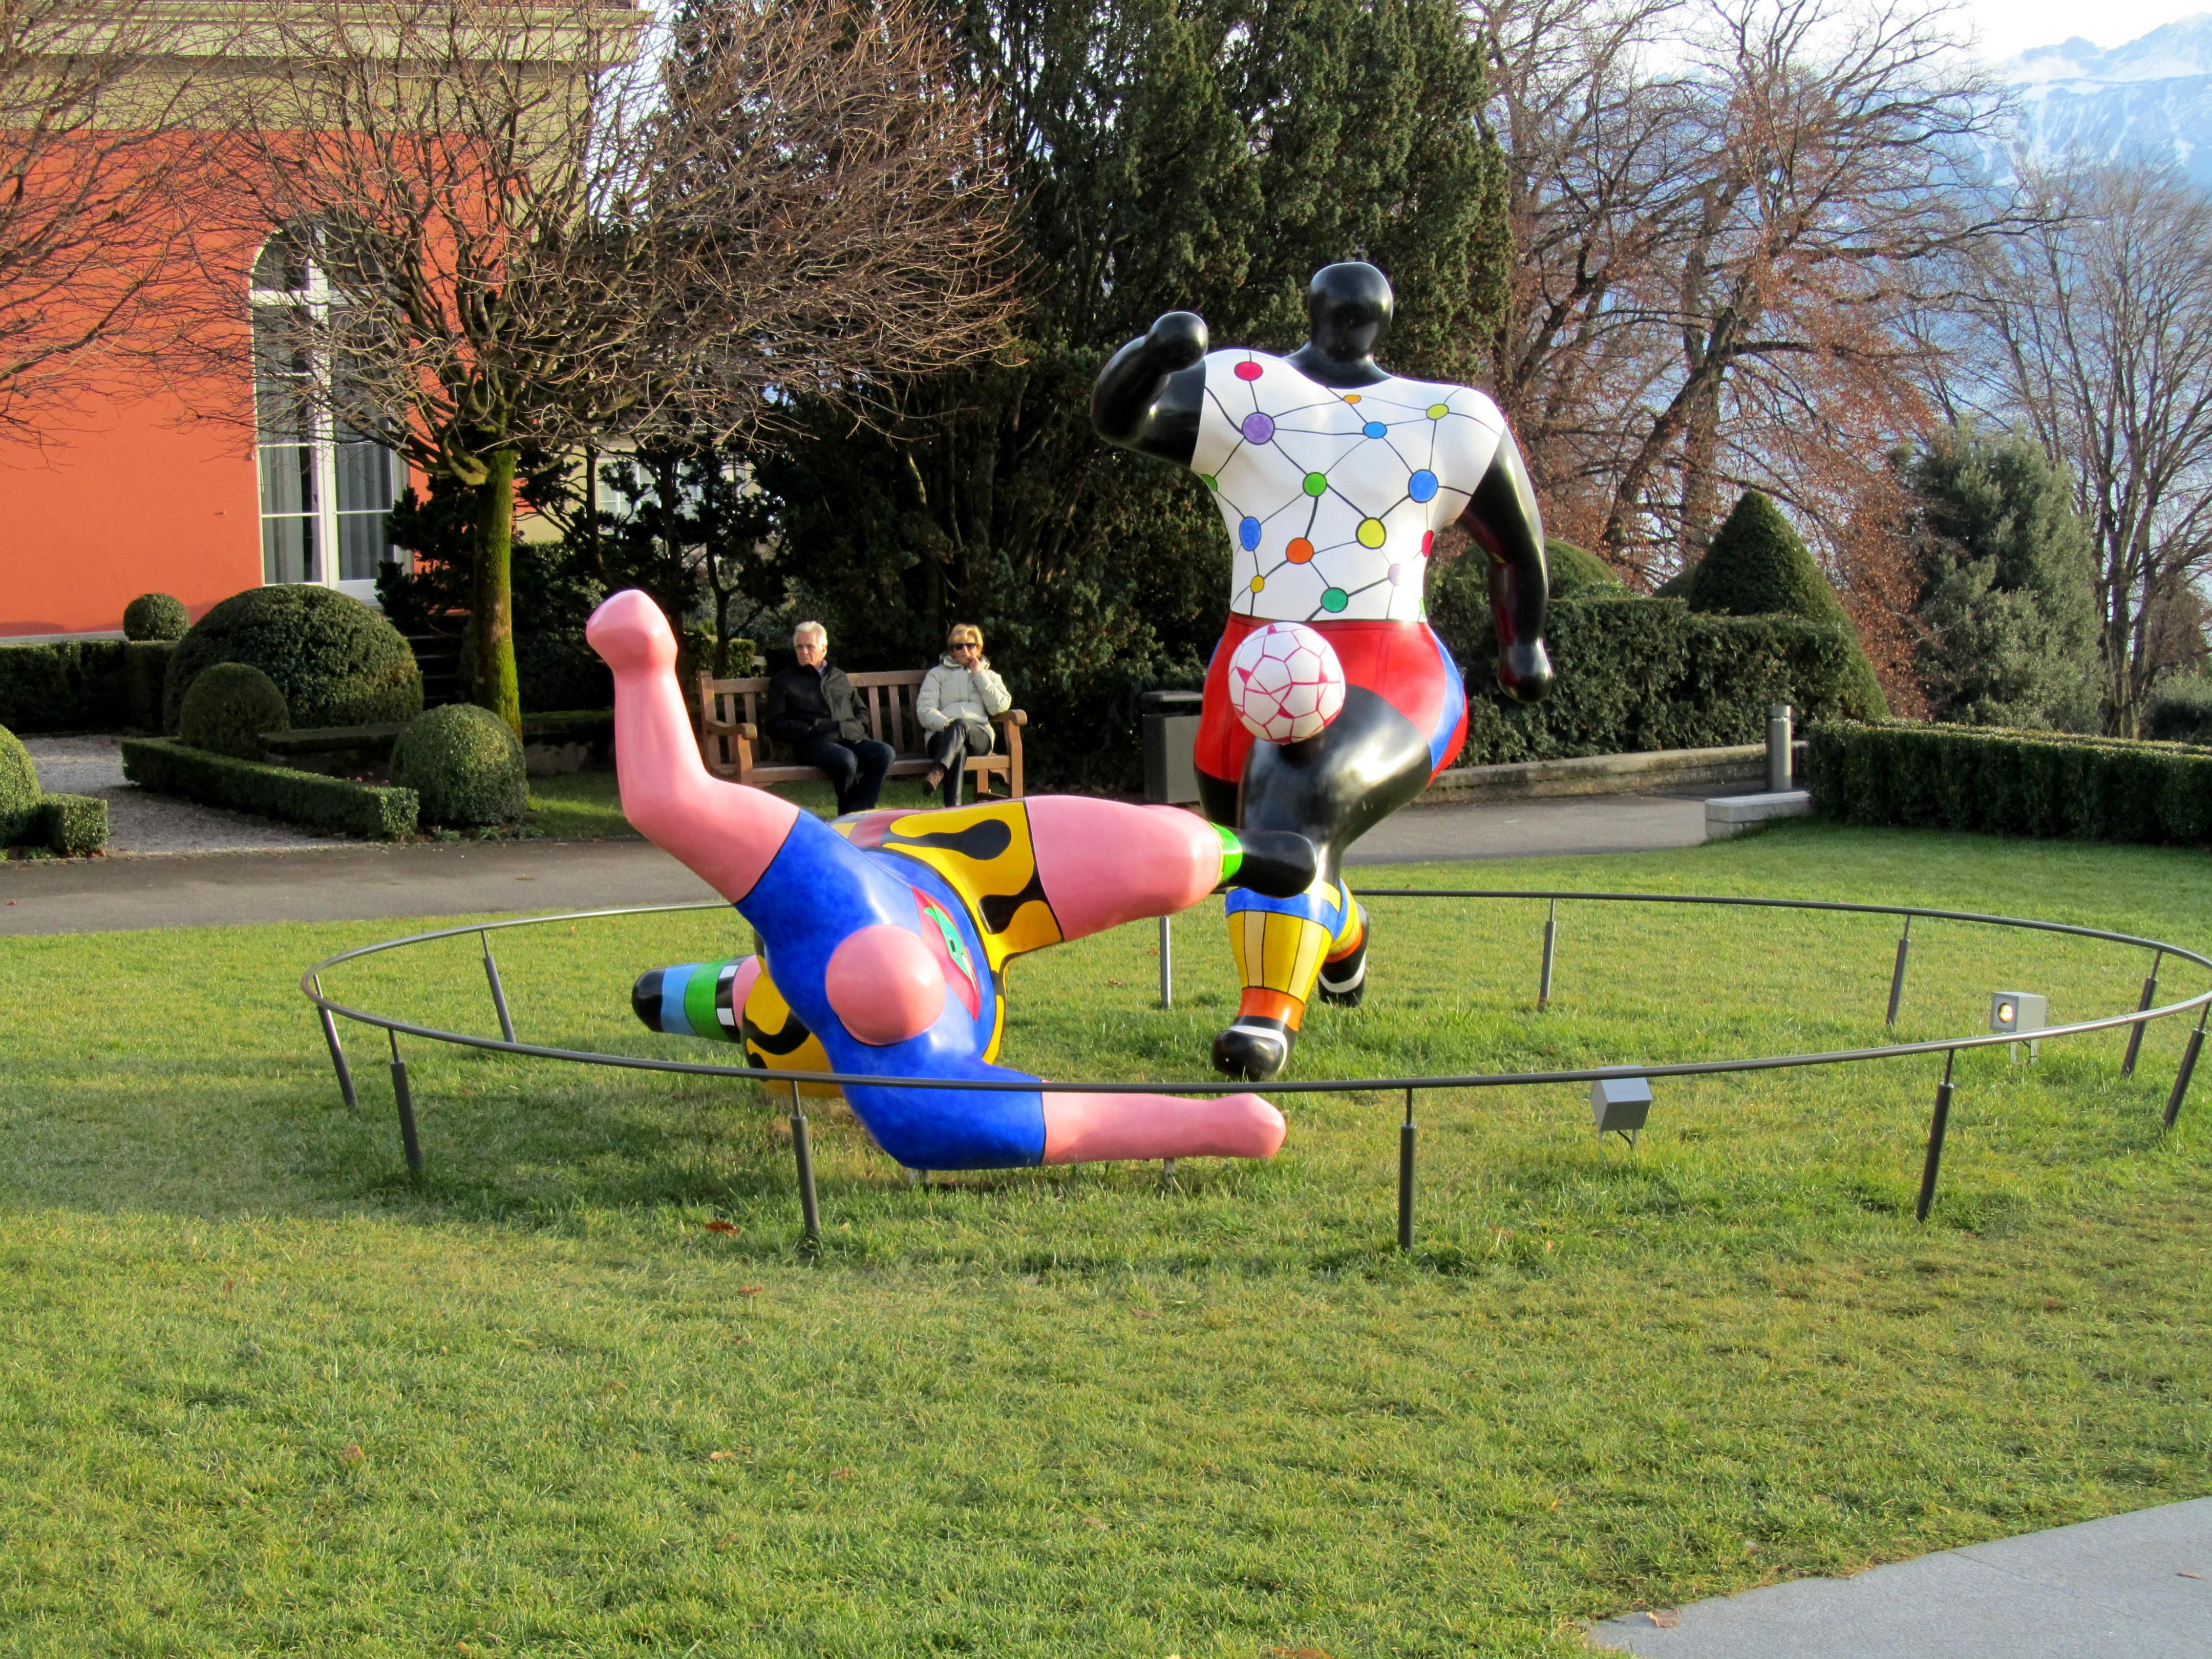 Lausanne jardins musée olympique les footballeurs de Niki de Saint Phalle